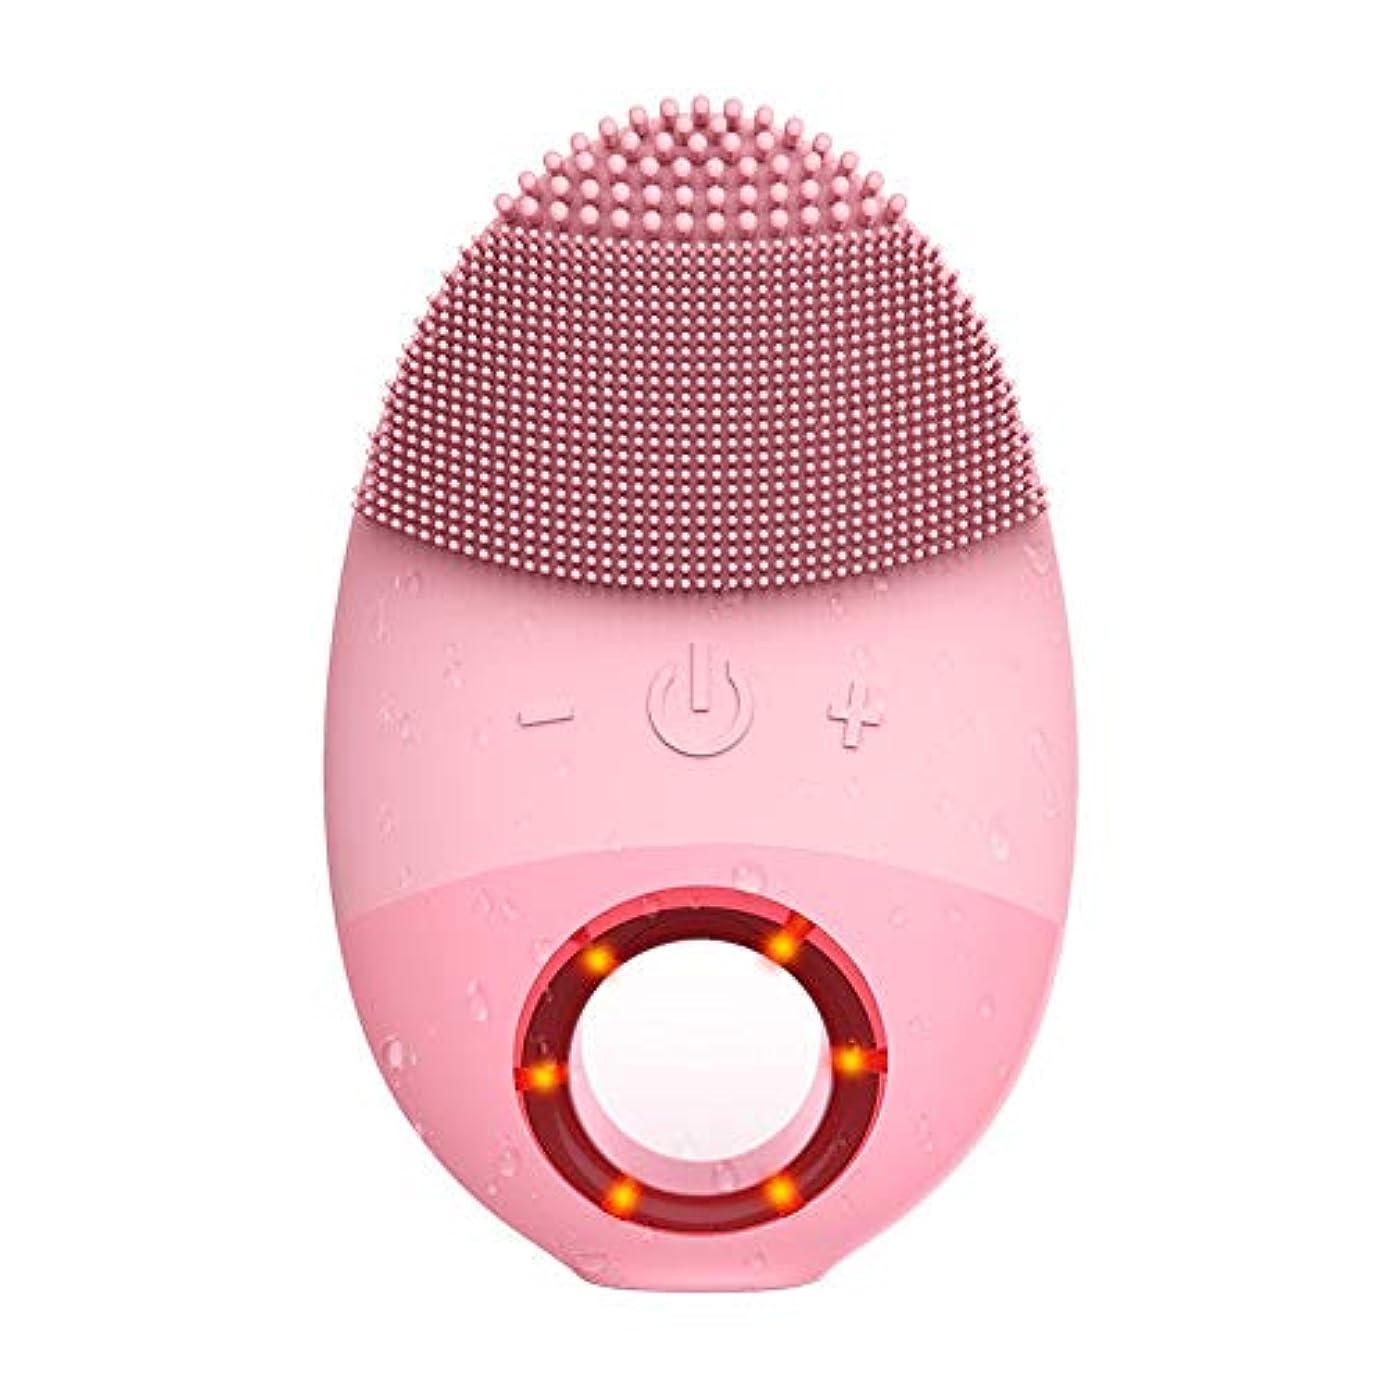 反対に組み立てる廃棄するZXF 多機能シリコン防水洗浄ブラシ超音波振動洗浄器具美容器具マッサージ器具洗浄器具 滑らかである (色 : Pink)